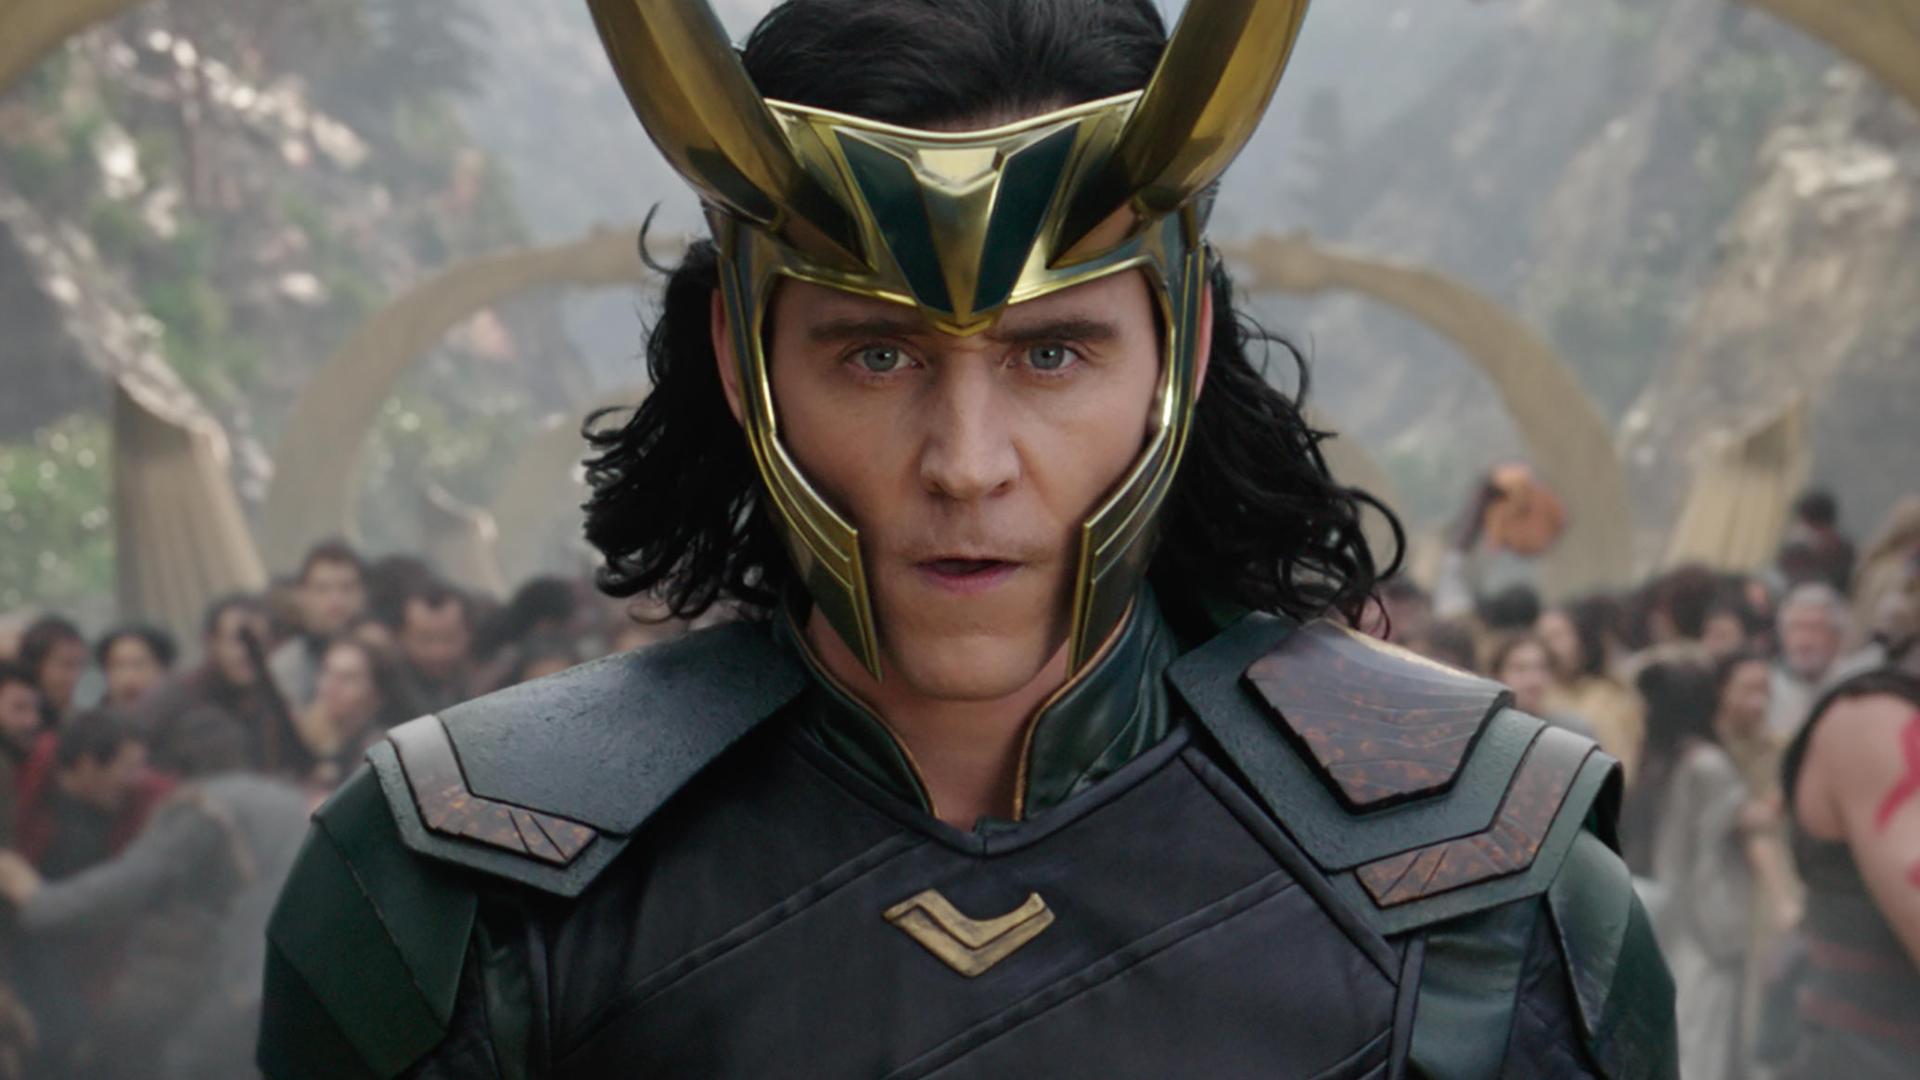 How to watch Loki on Disney+